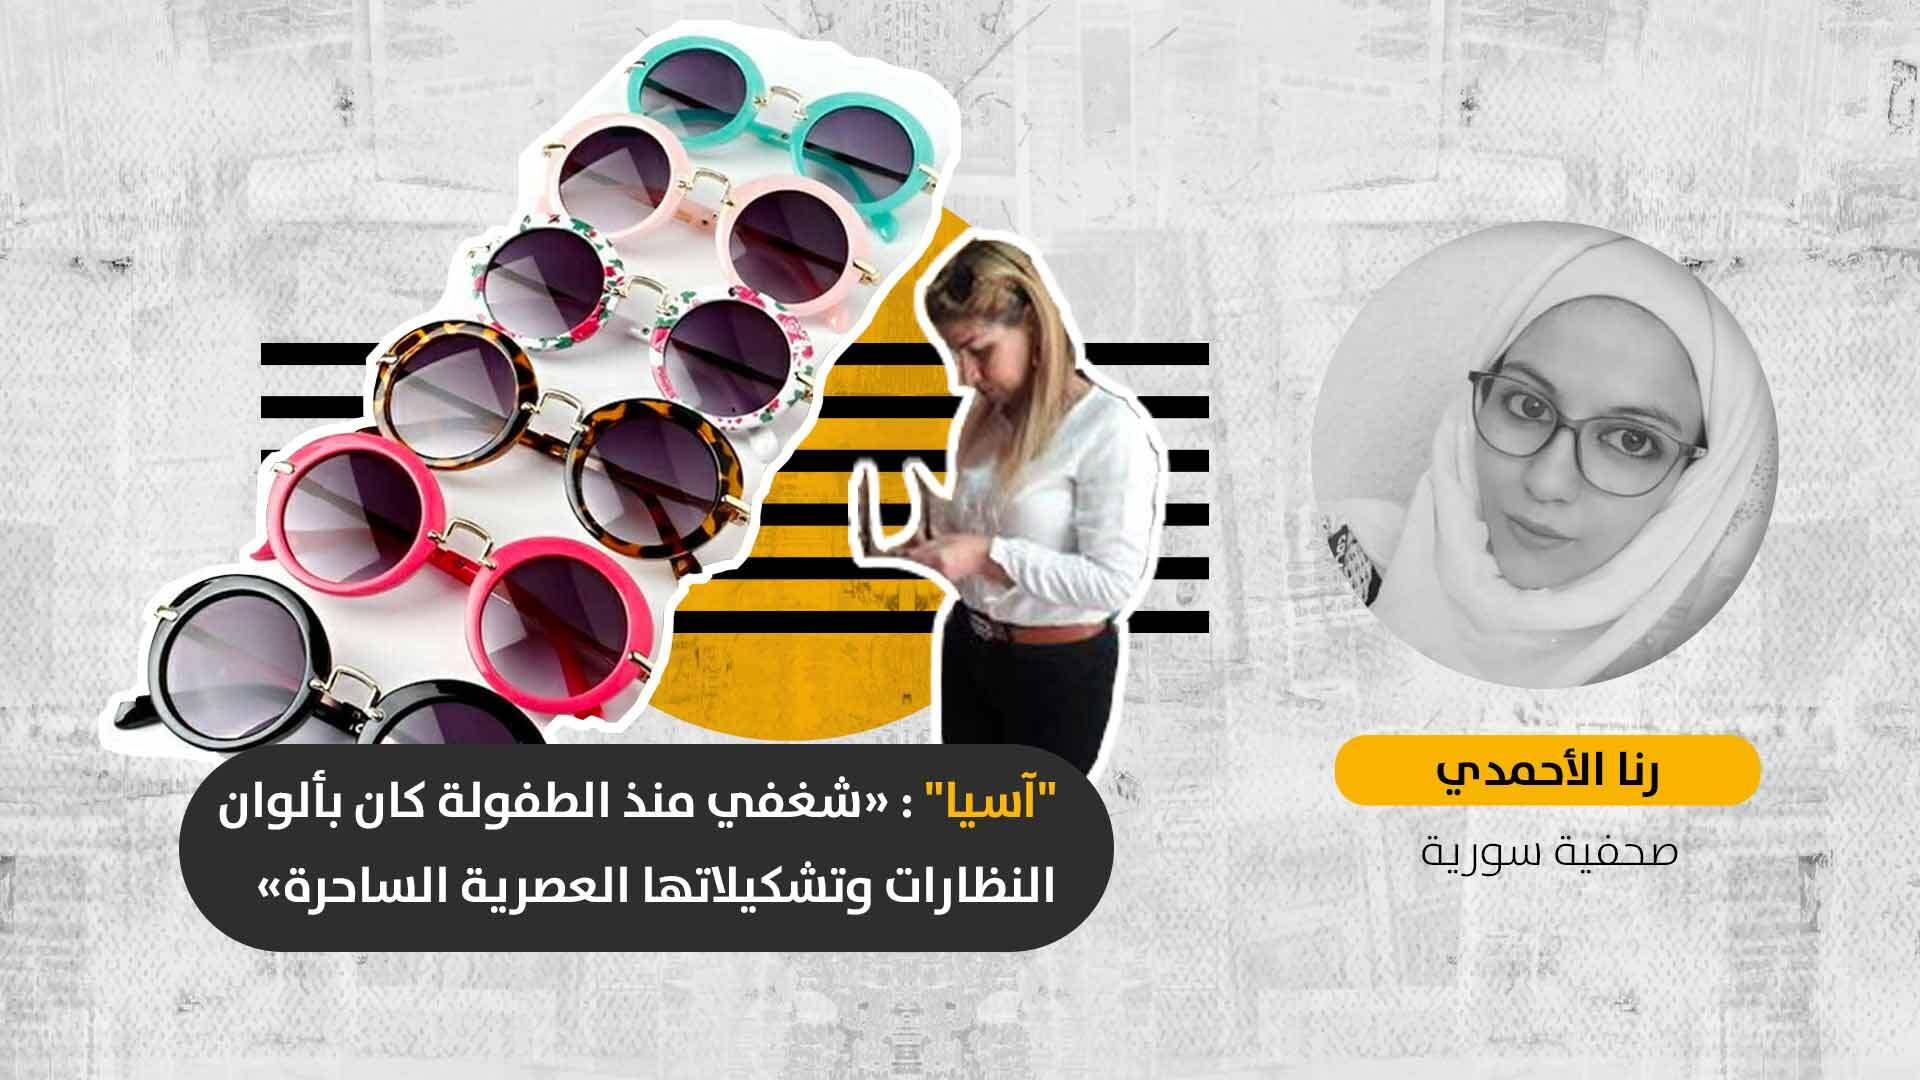 طريق النجاح.. فتاةٌ عشرينيّة تُطور مشروعها في بيع النظارات الطبيّة والشمسيّة